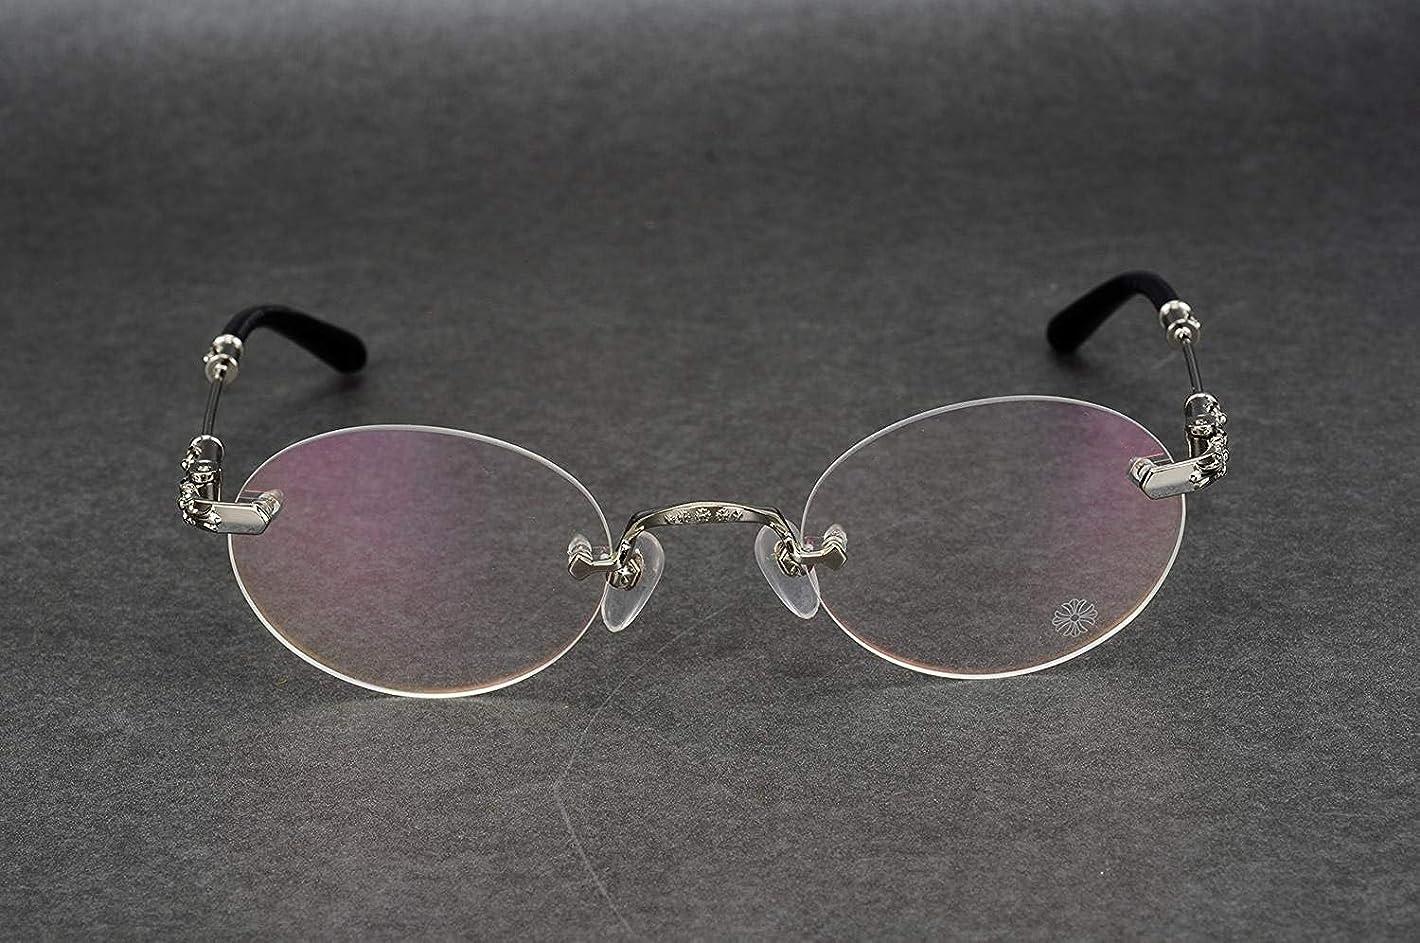 控えめなあえてエラー近視眼の男性と女性の正方形の円形の円形のためのフレーム眼鏡を持っていない